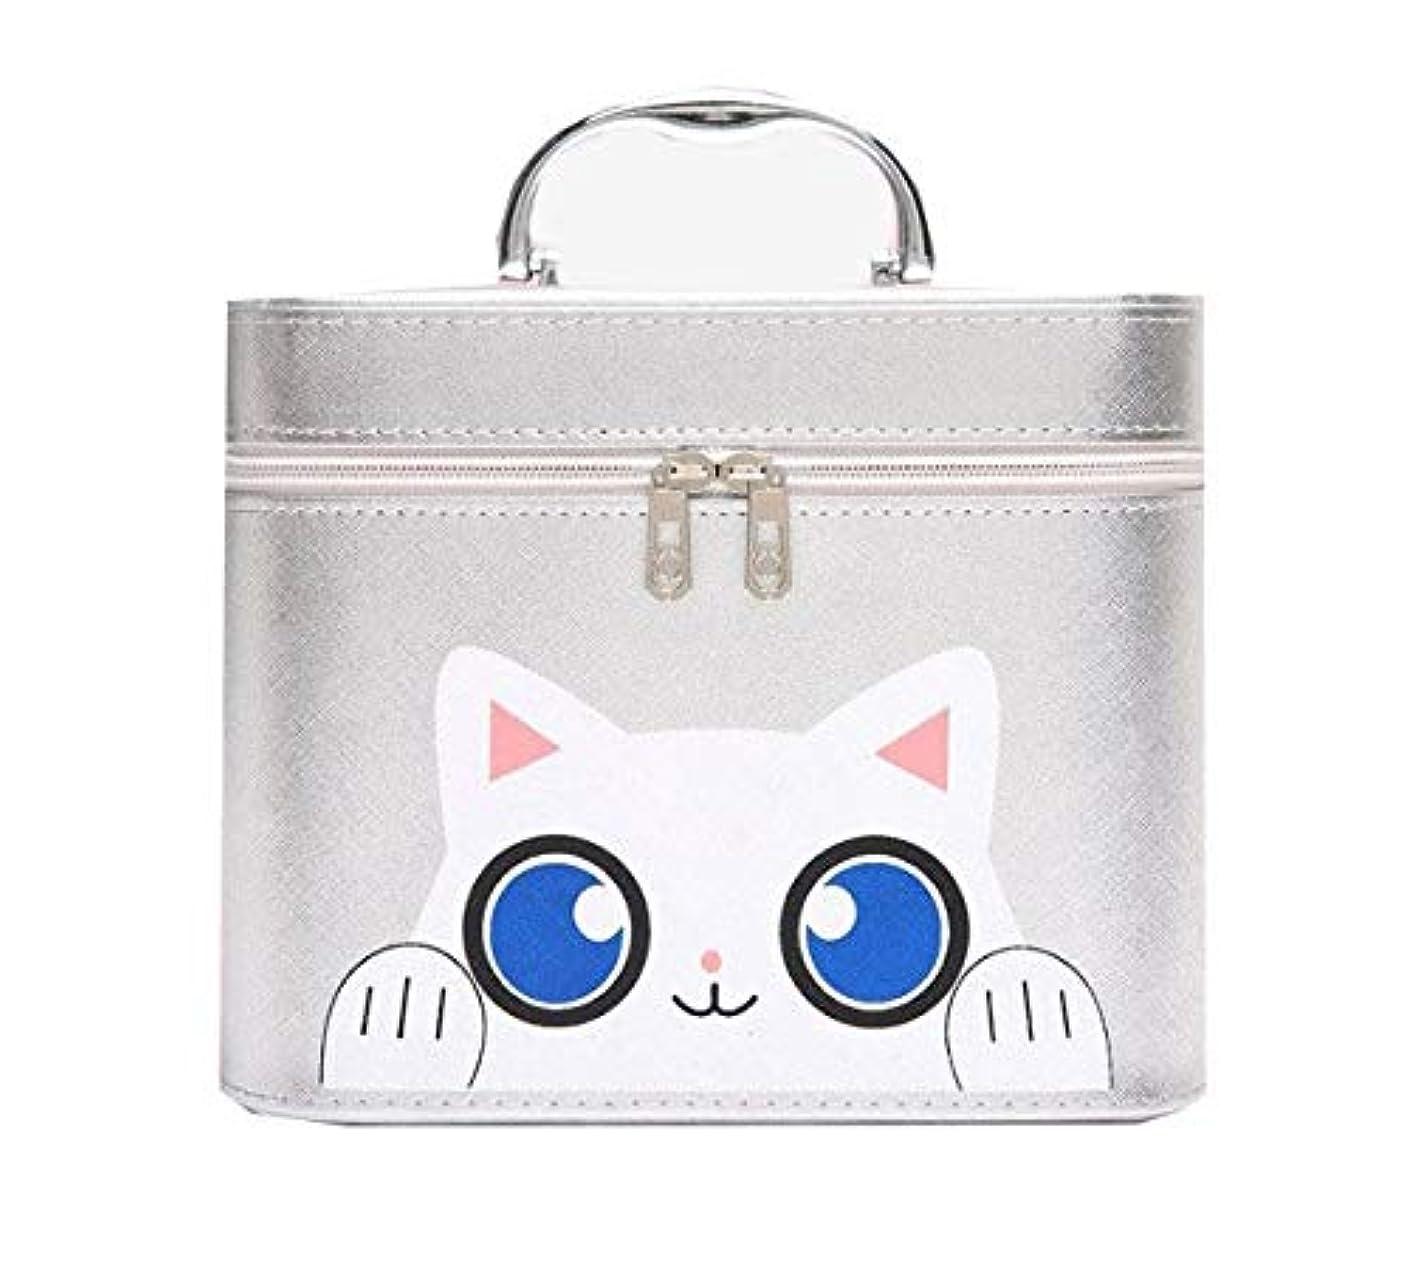 化粧箱、シルバー漫画猫化粧品ケース、ポータブル旅行化粧品ケース、美容ネイルジュエリー収納ボックス (Size : L)